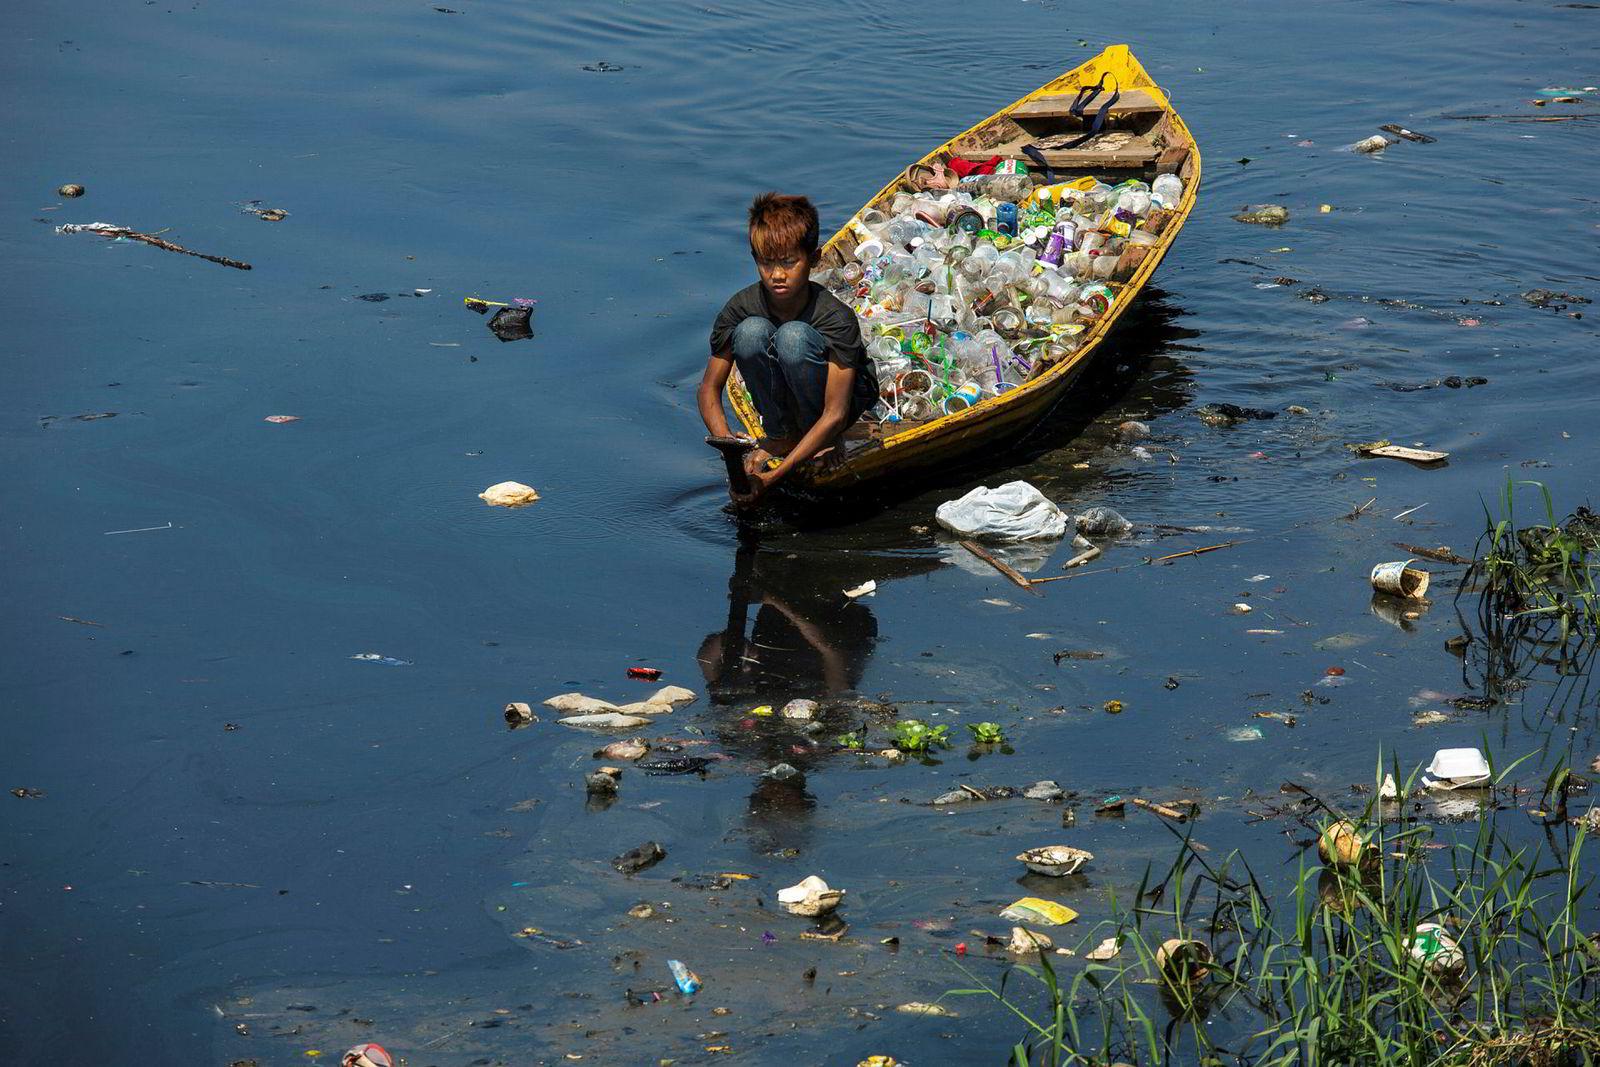 Fra en båt på Citarum-elven samler en gutt plastavfall som han senere kan selge. Elvevannet er farget svart av industriforurensning.